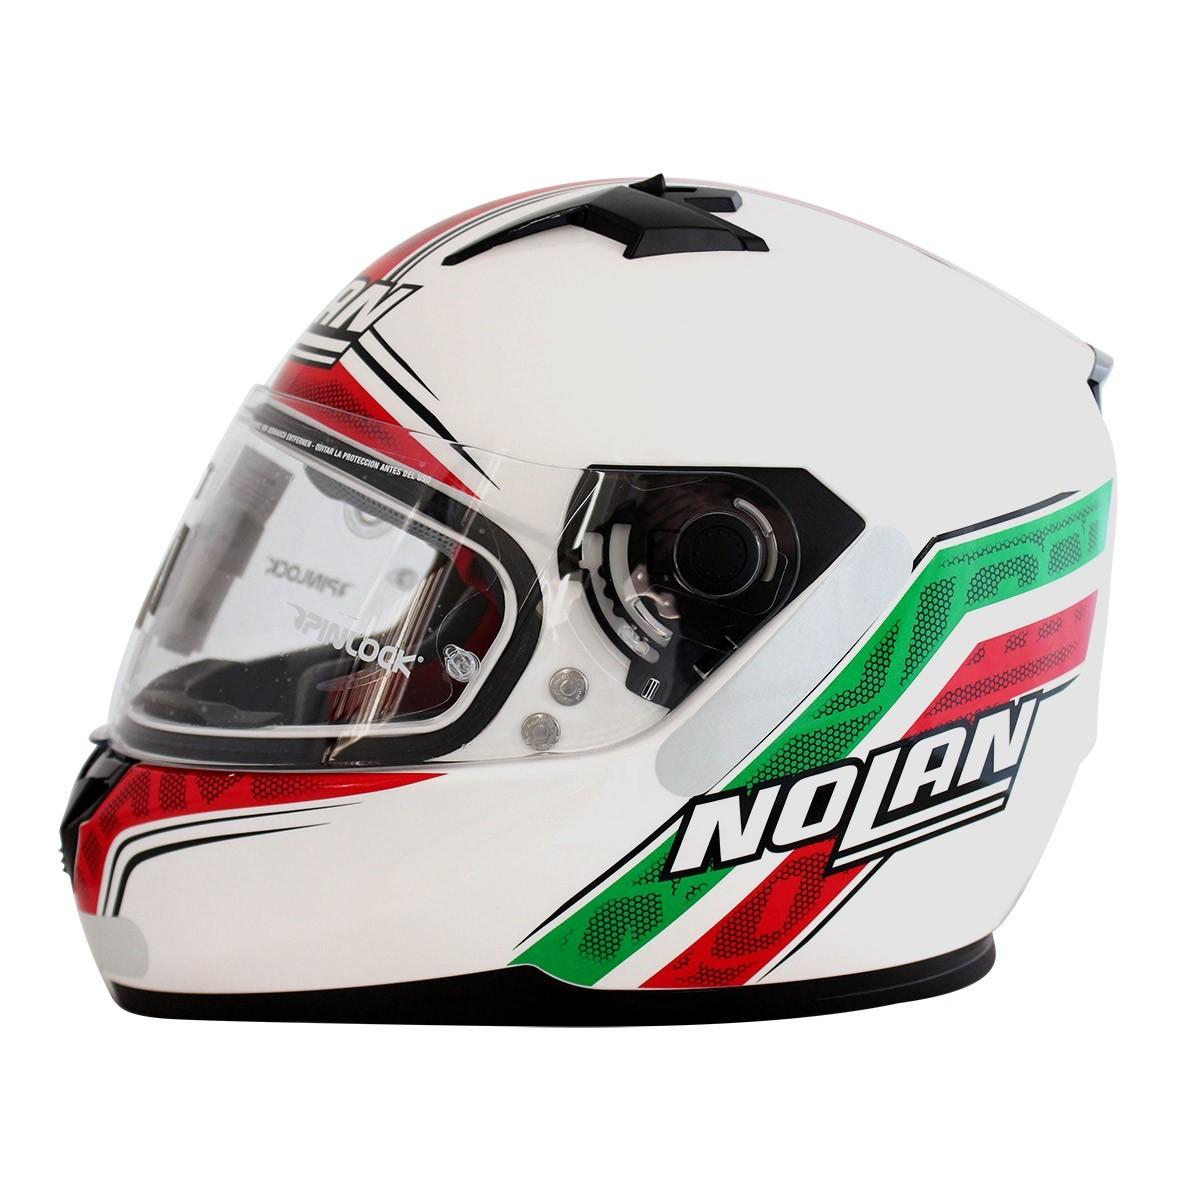 Capacete Nolan N64 Italy Metal White - SUPEROFERTA!   - Nova Centro Boutique Roupas para Motociclistas